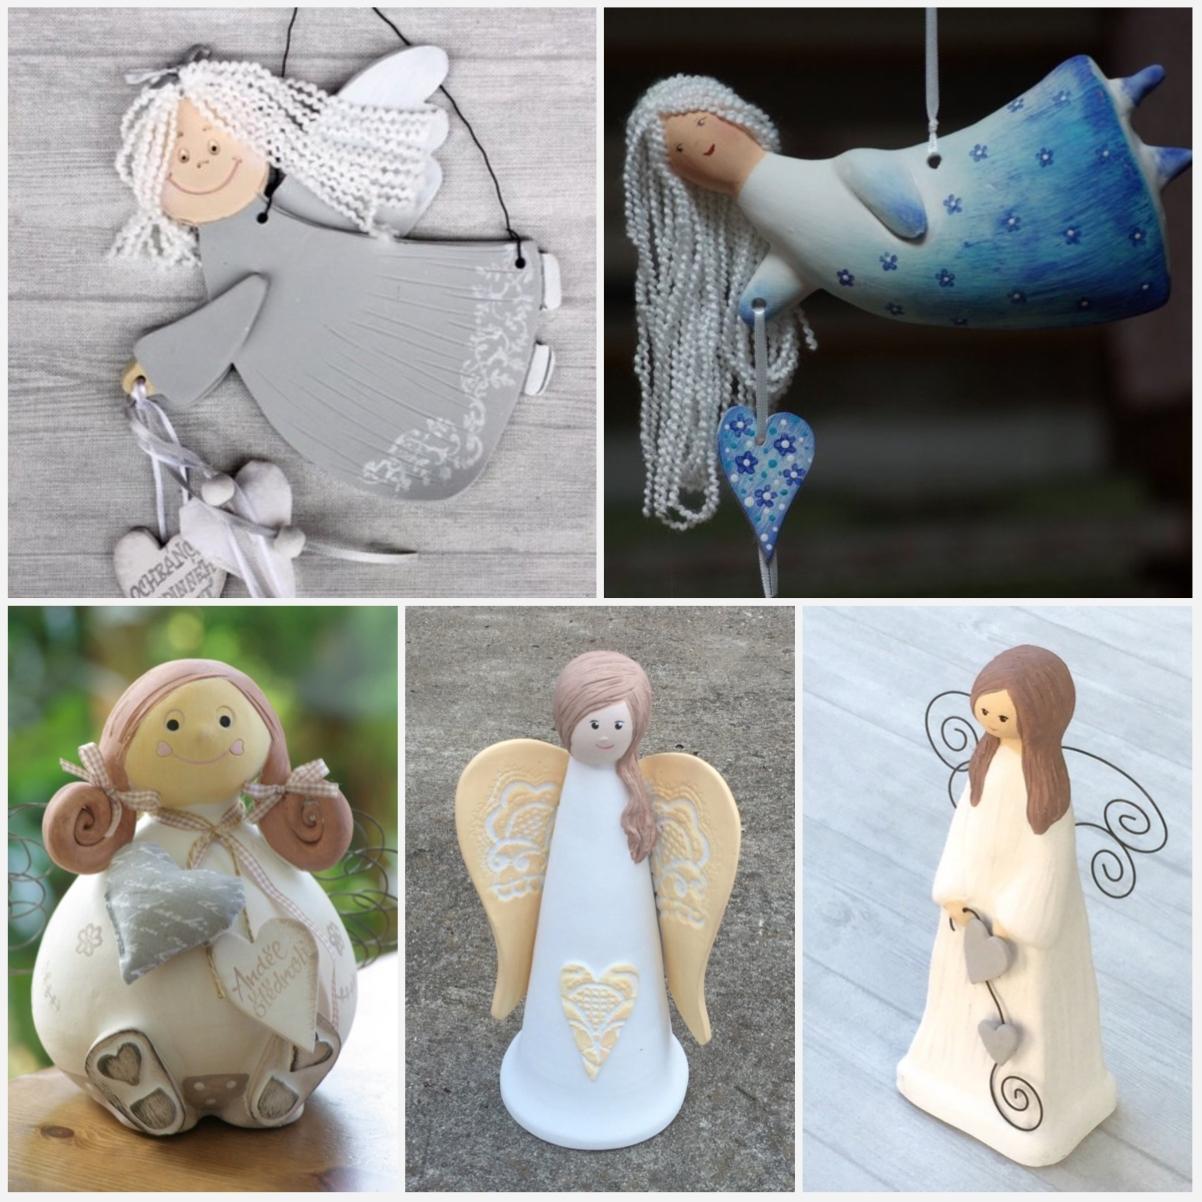 Anděl patří mezi symboly Vánoc i mezi oblíbené motivy pro různé dárky. Keramičtí andělé na obrázku jsou z dílny Keramika Andreas.